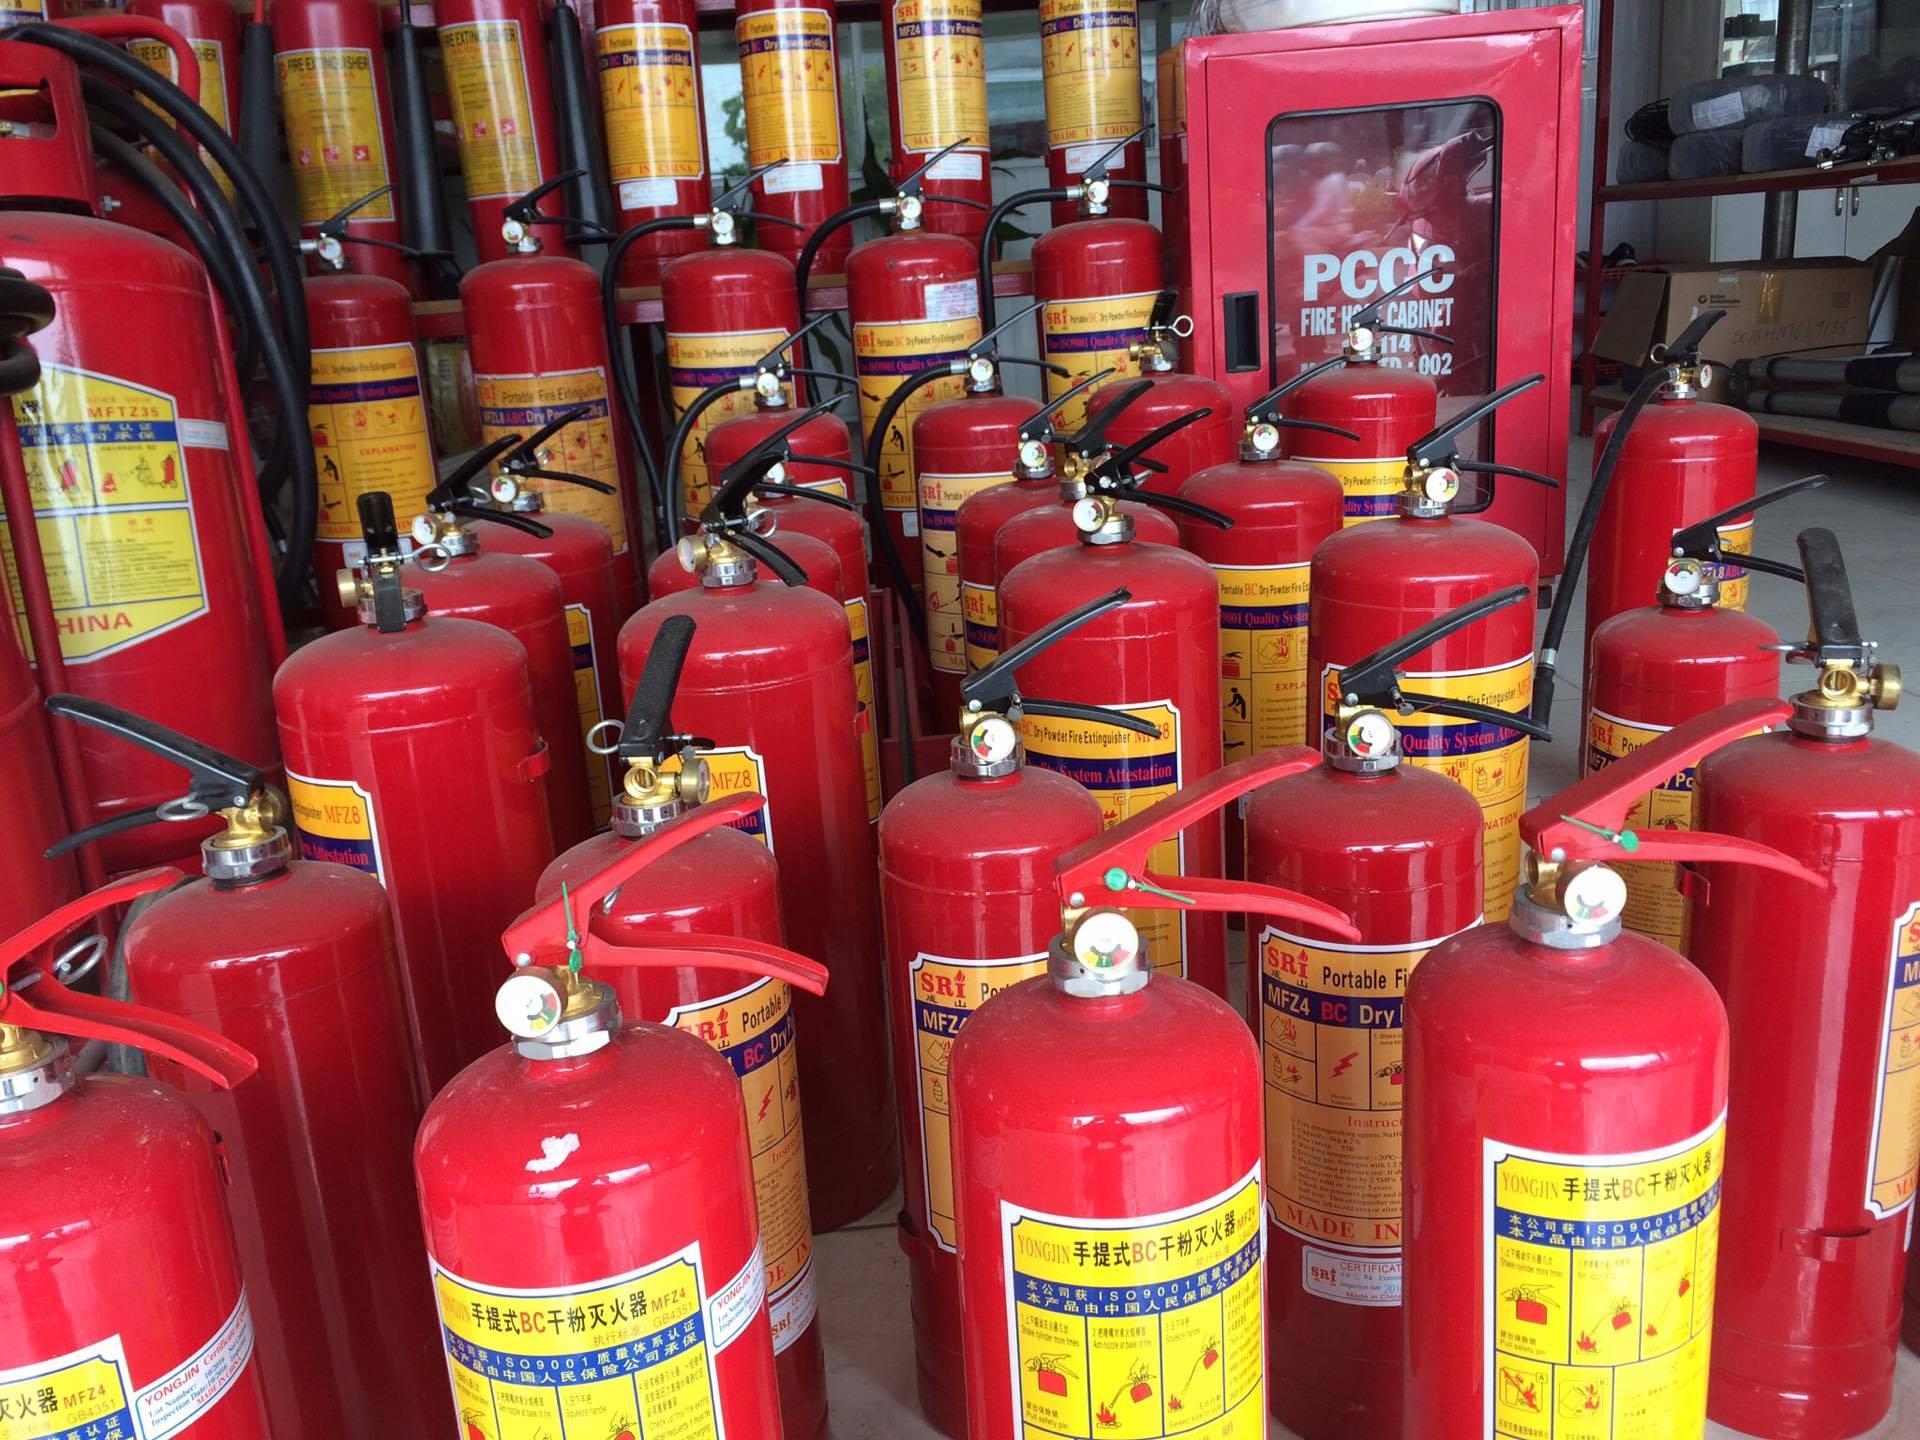 Bình chữa cháy xử lý cháy ban đầu